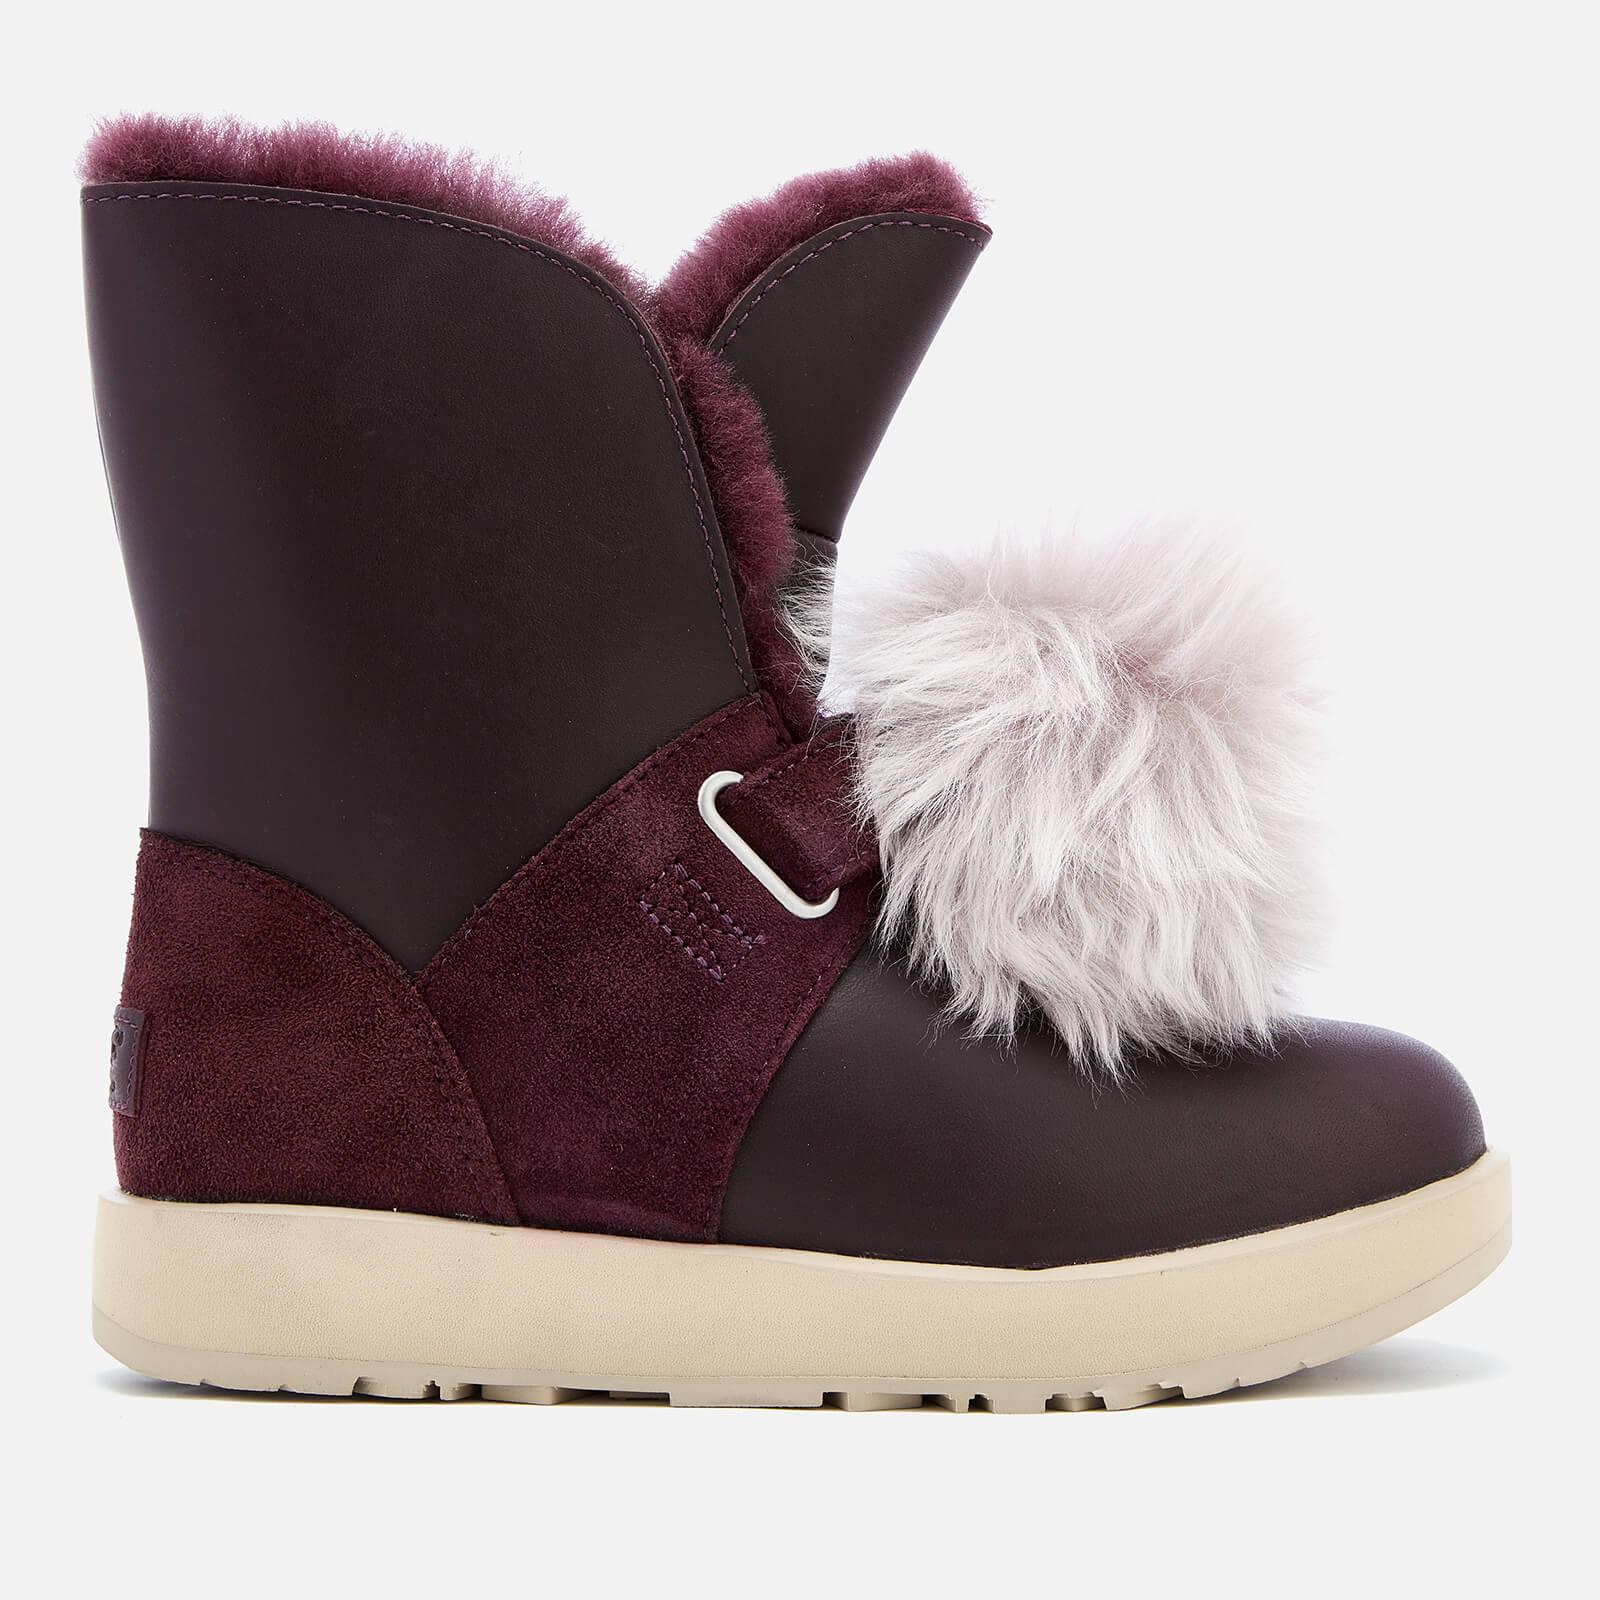 dba48fd23e2 UGG Women's Isley Waterproof Pom Sheepskin Boots - Port